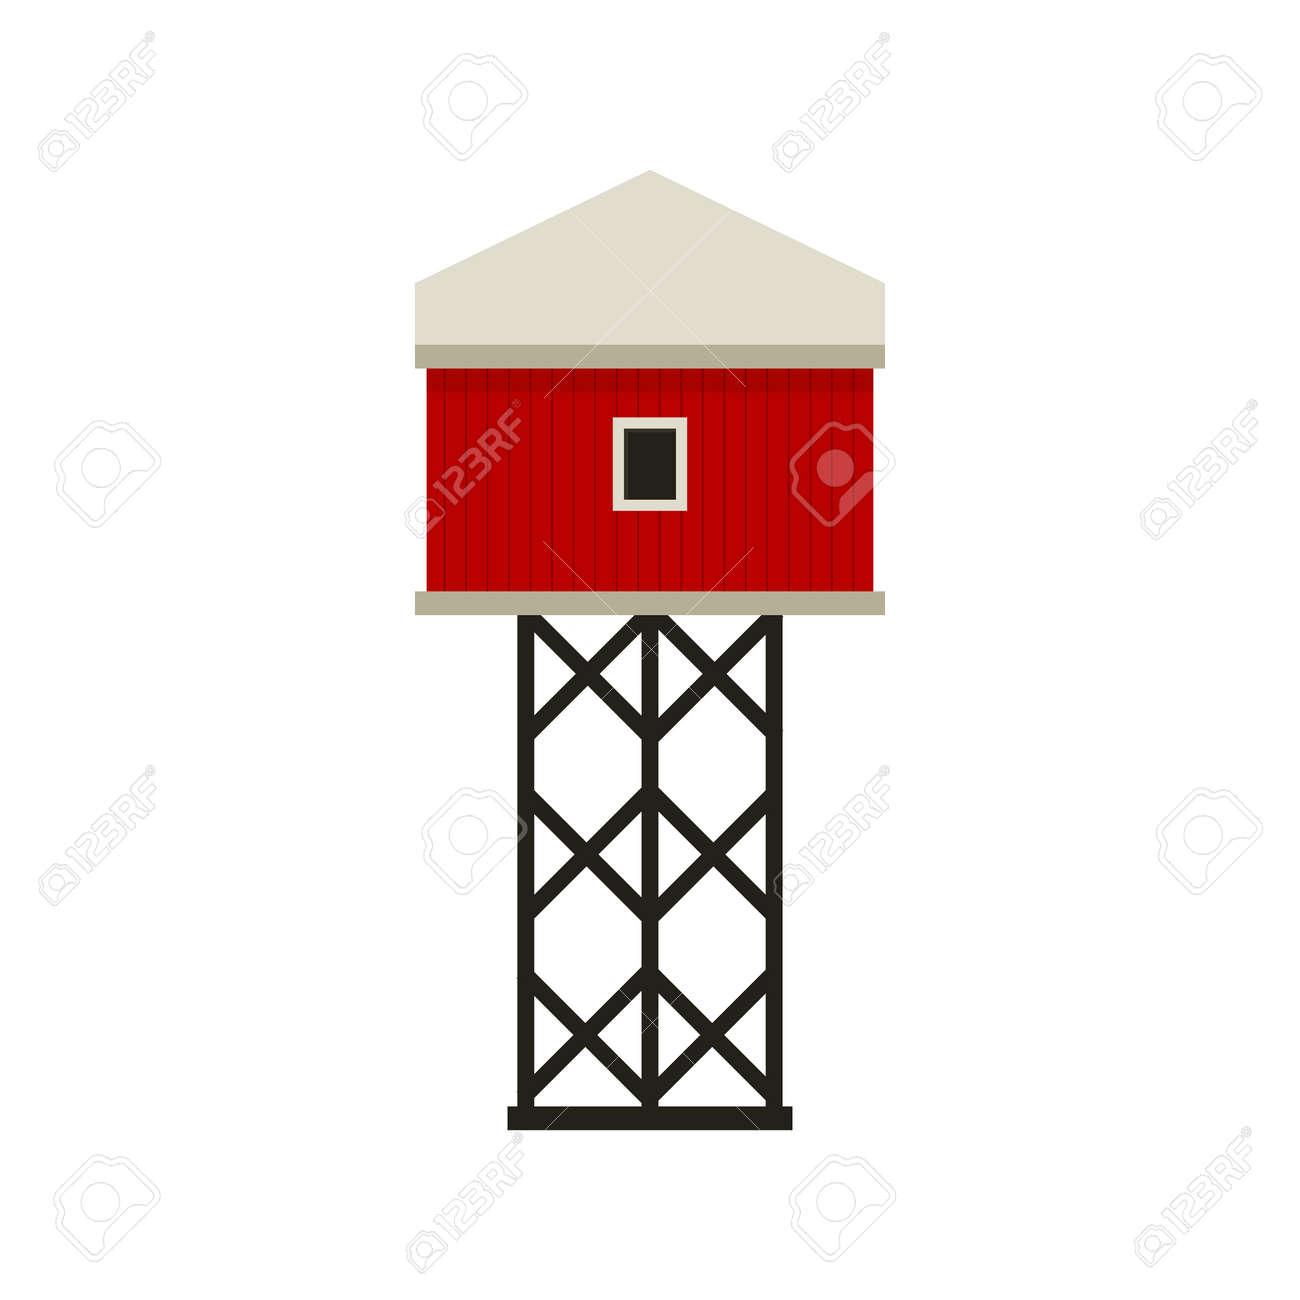 Red barn house Farm. Autumn hay harvest. - 172370095